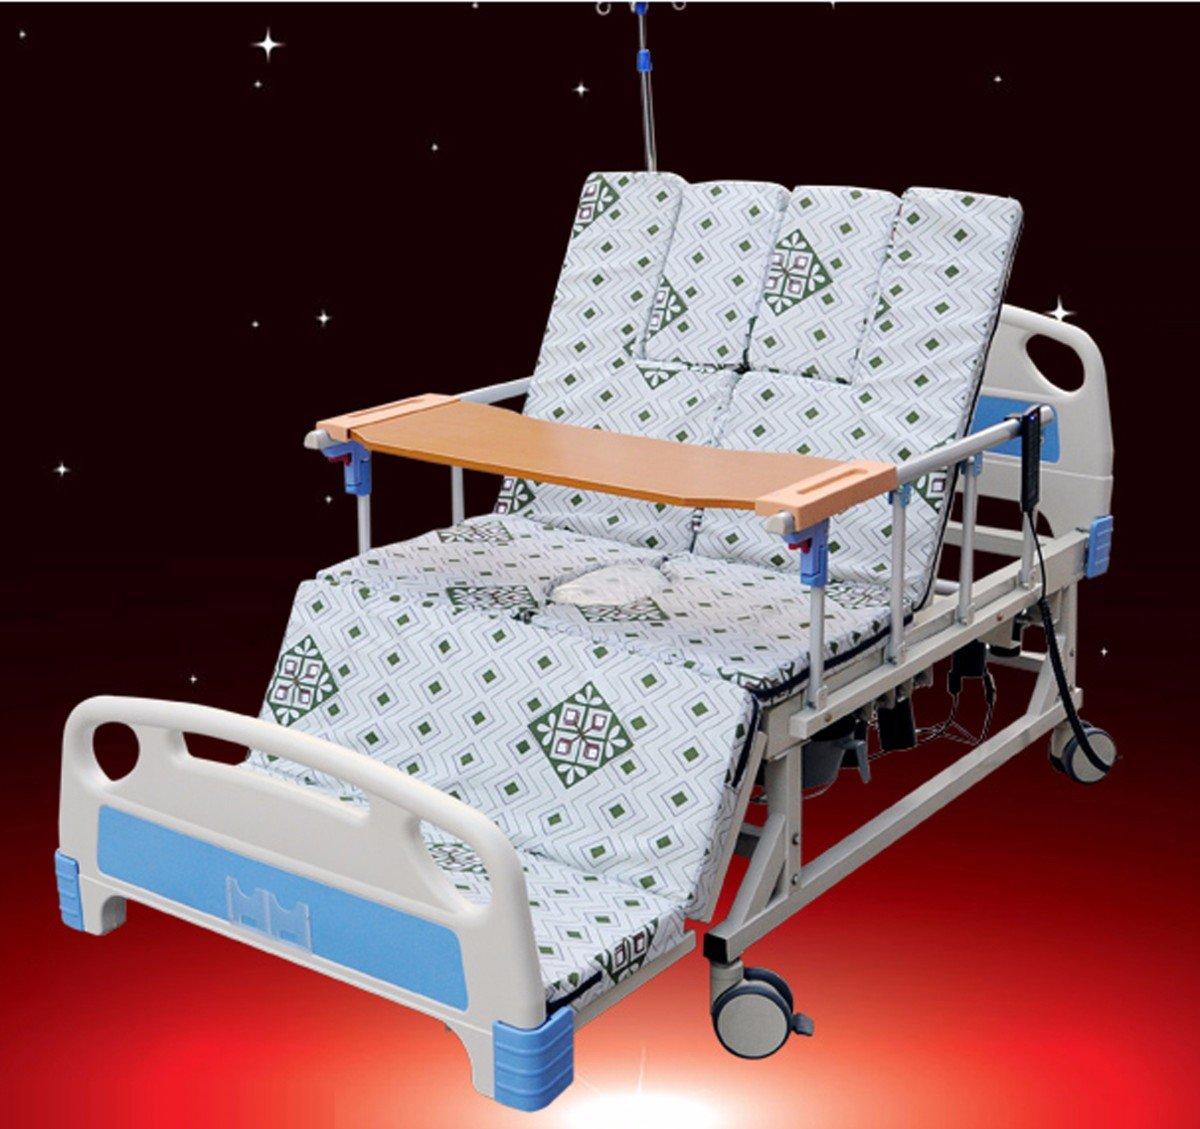 合佳 家用电动多功能护理床床翻身床病床带便孔3565(亚马逊自营商品